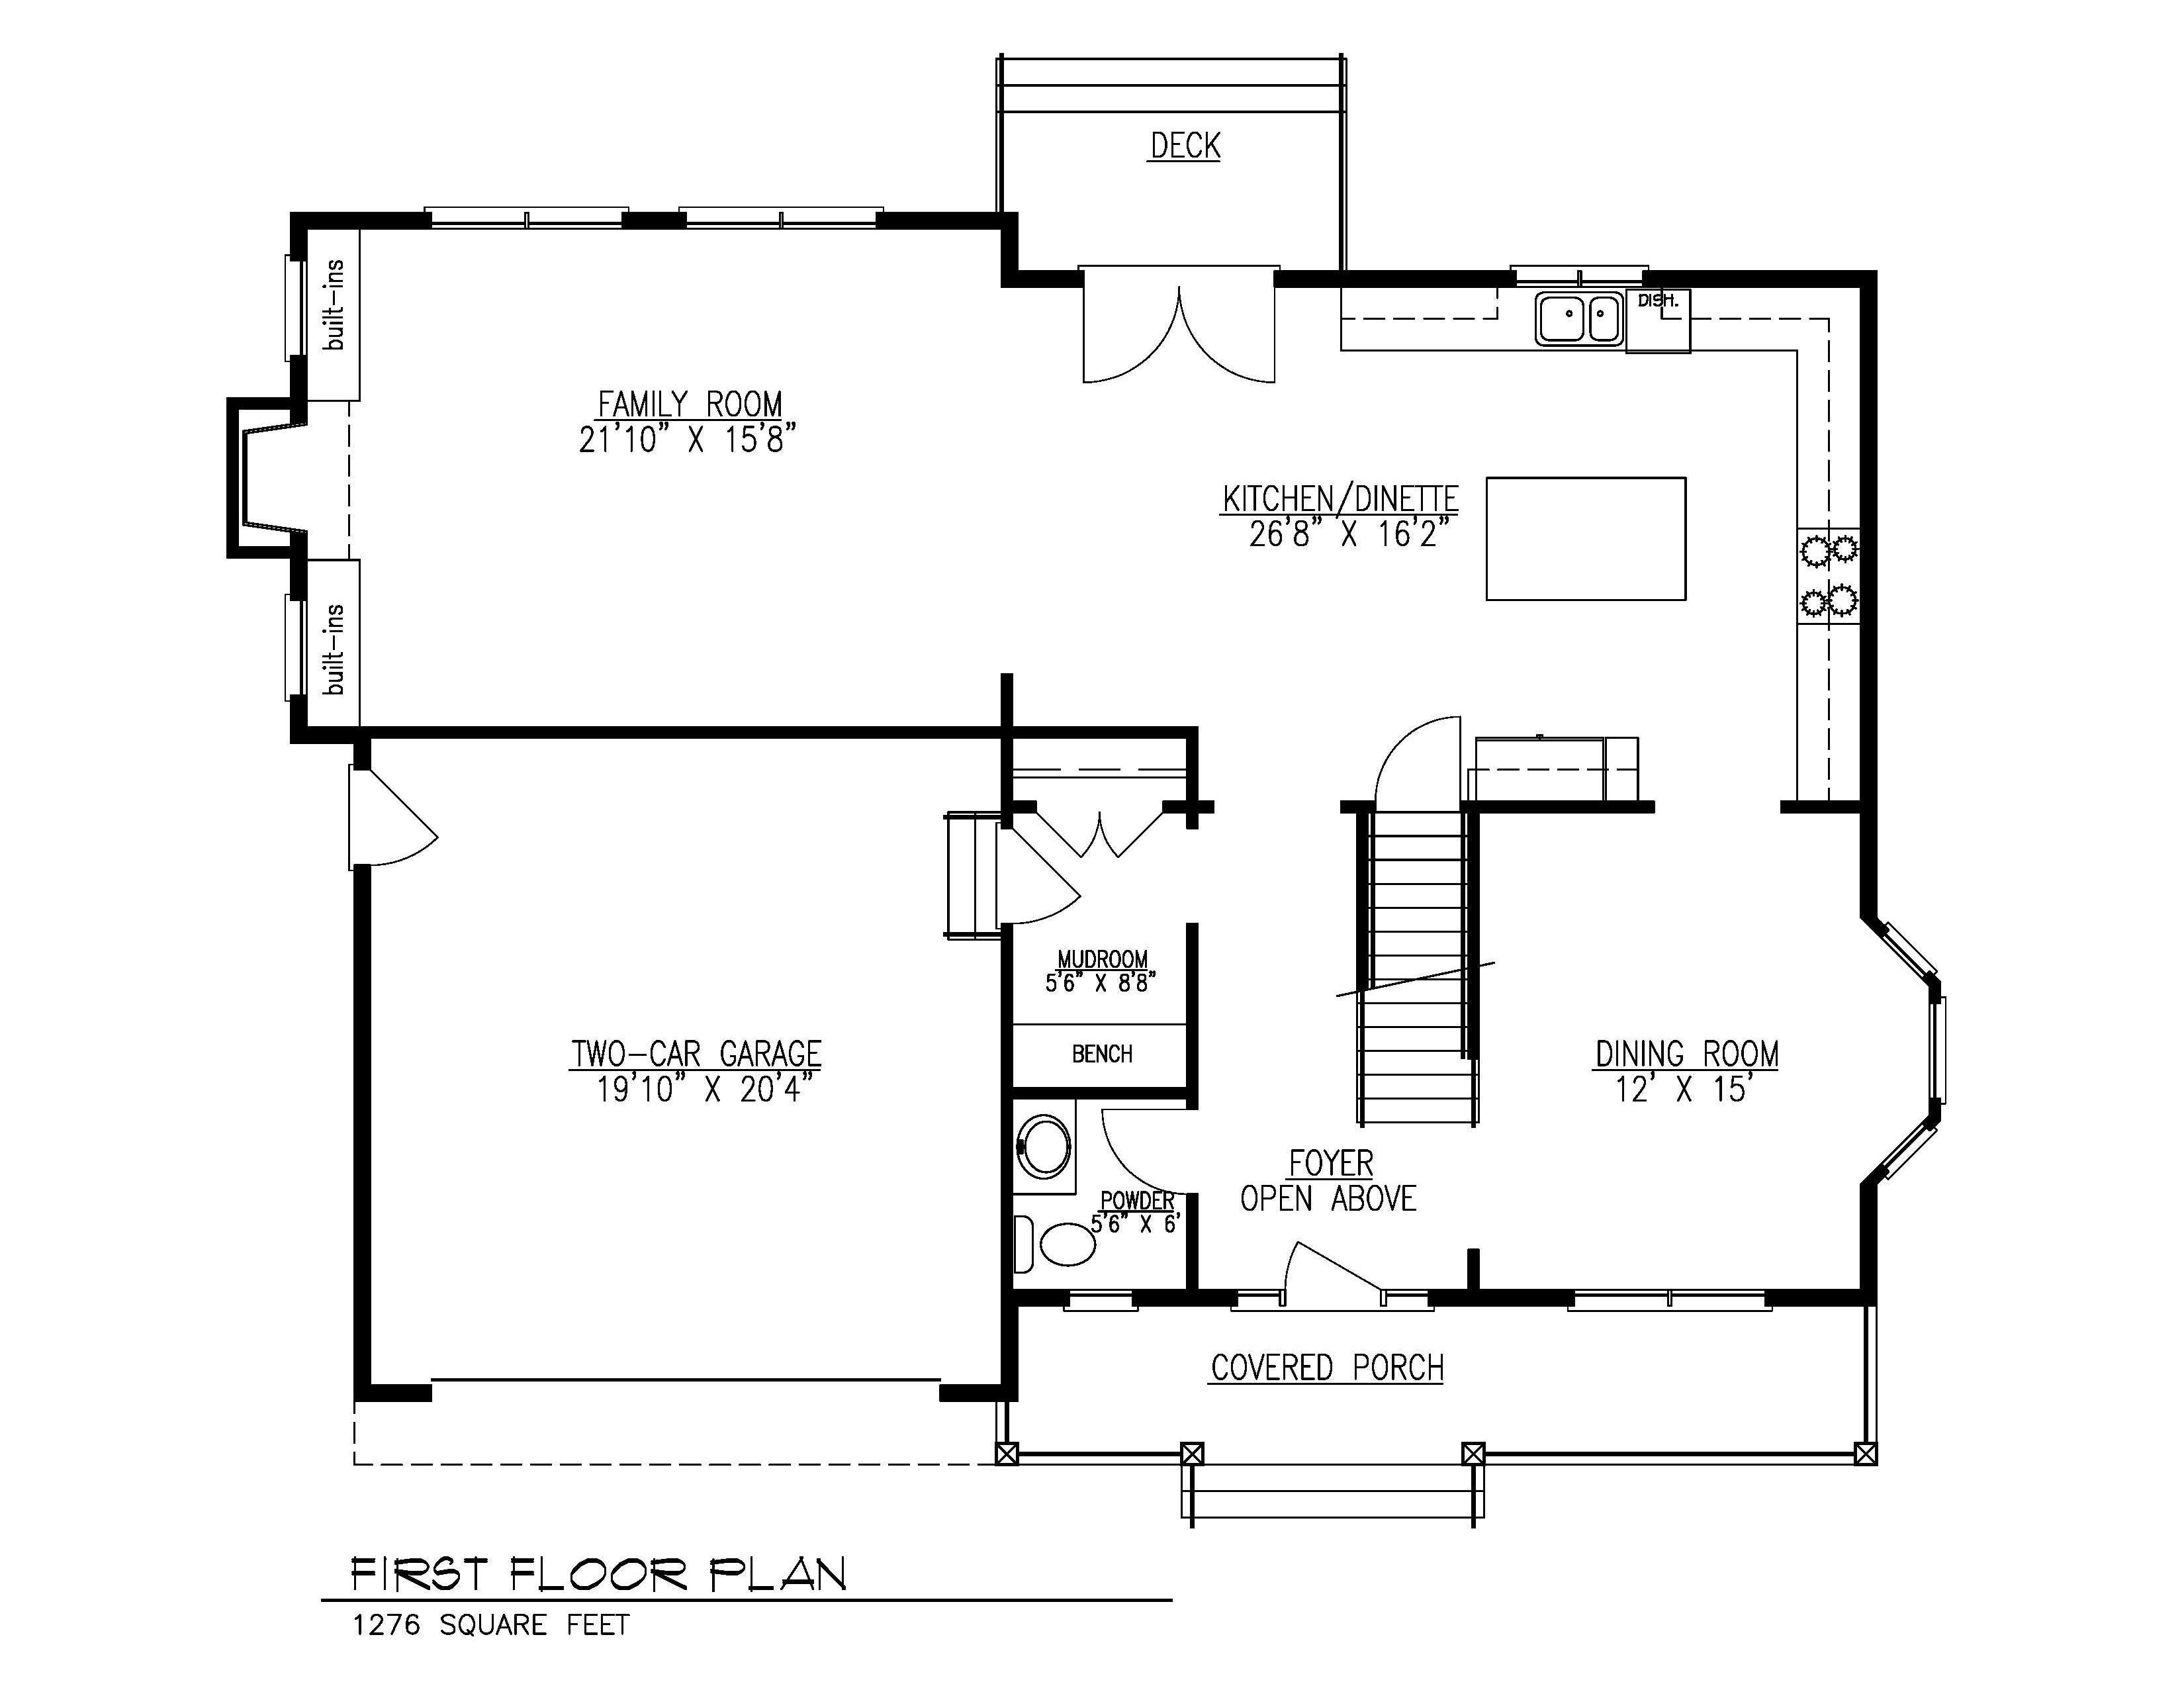 First Floor-08-31-2020